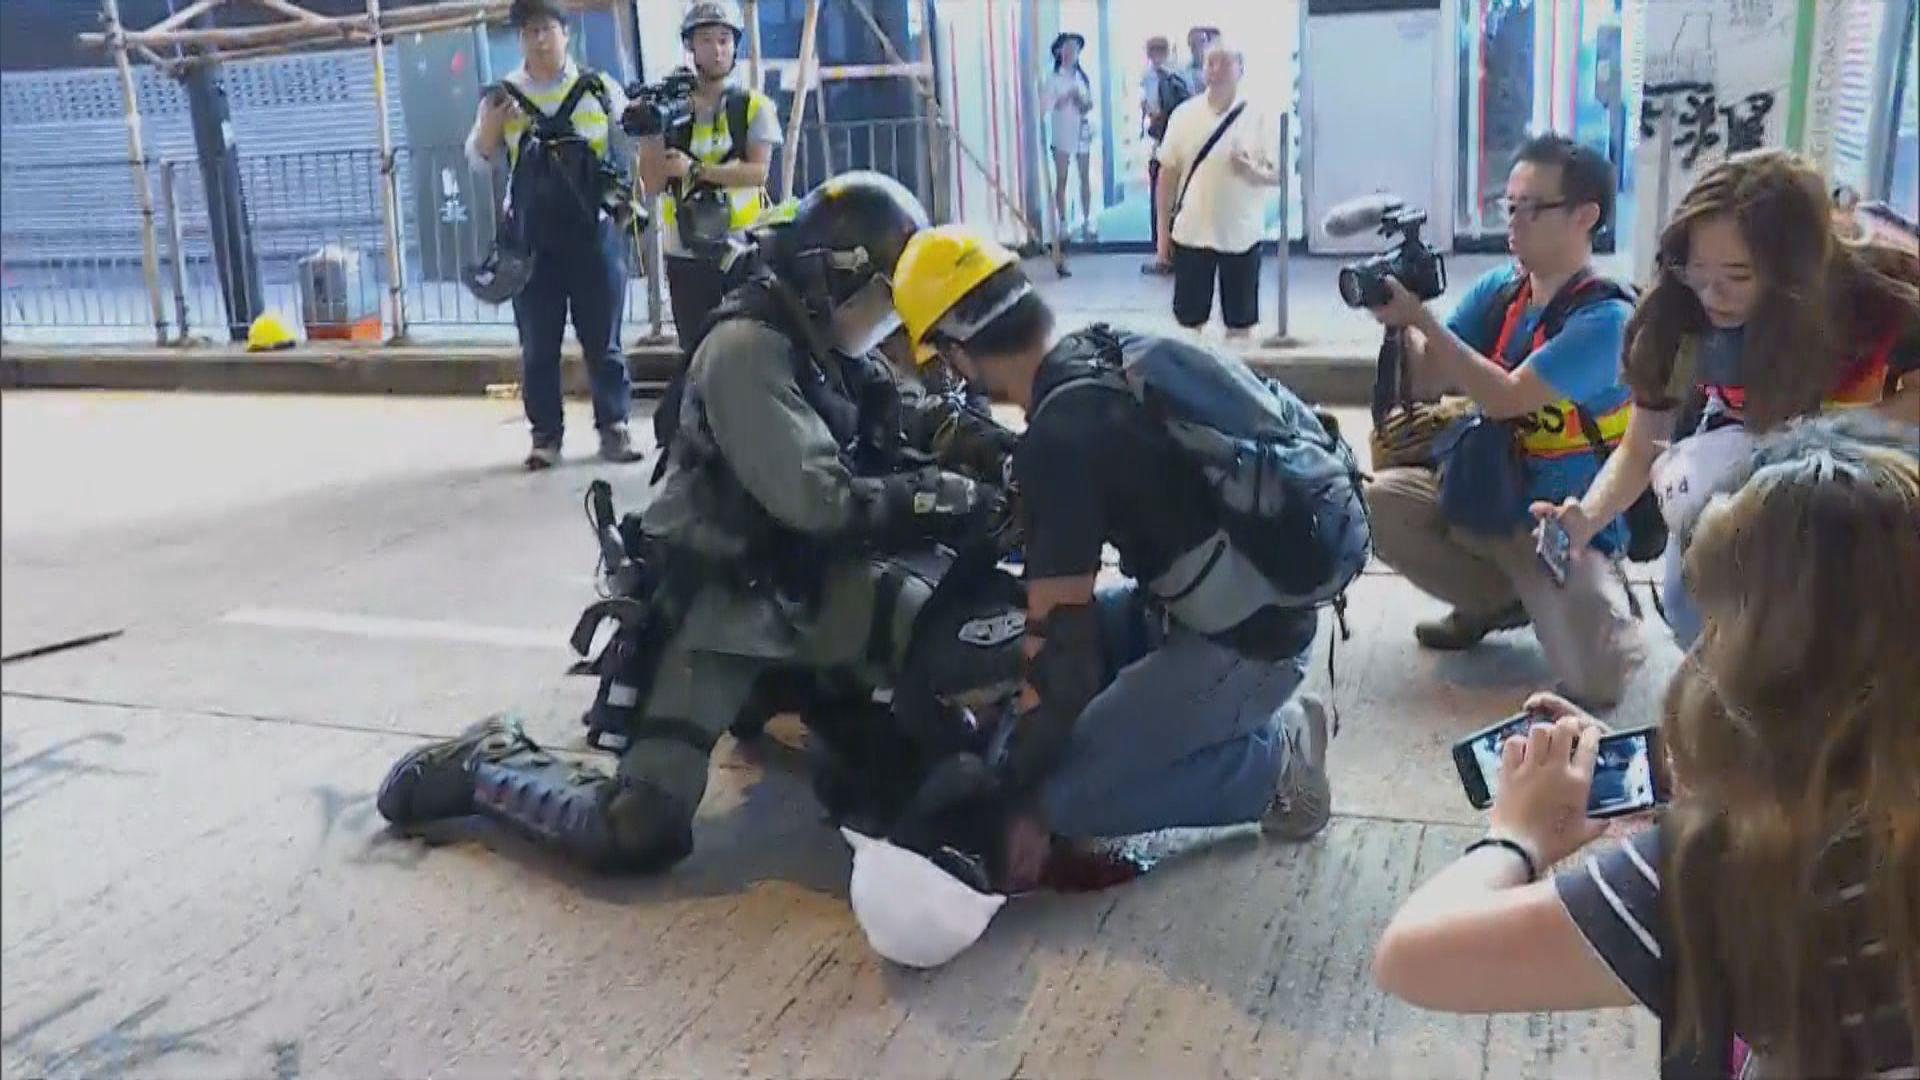 部分警員身穿黑衣戴頭盔裝扮與示威者相似